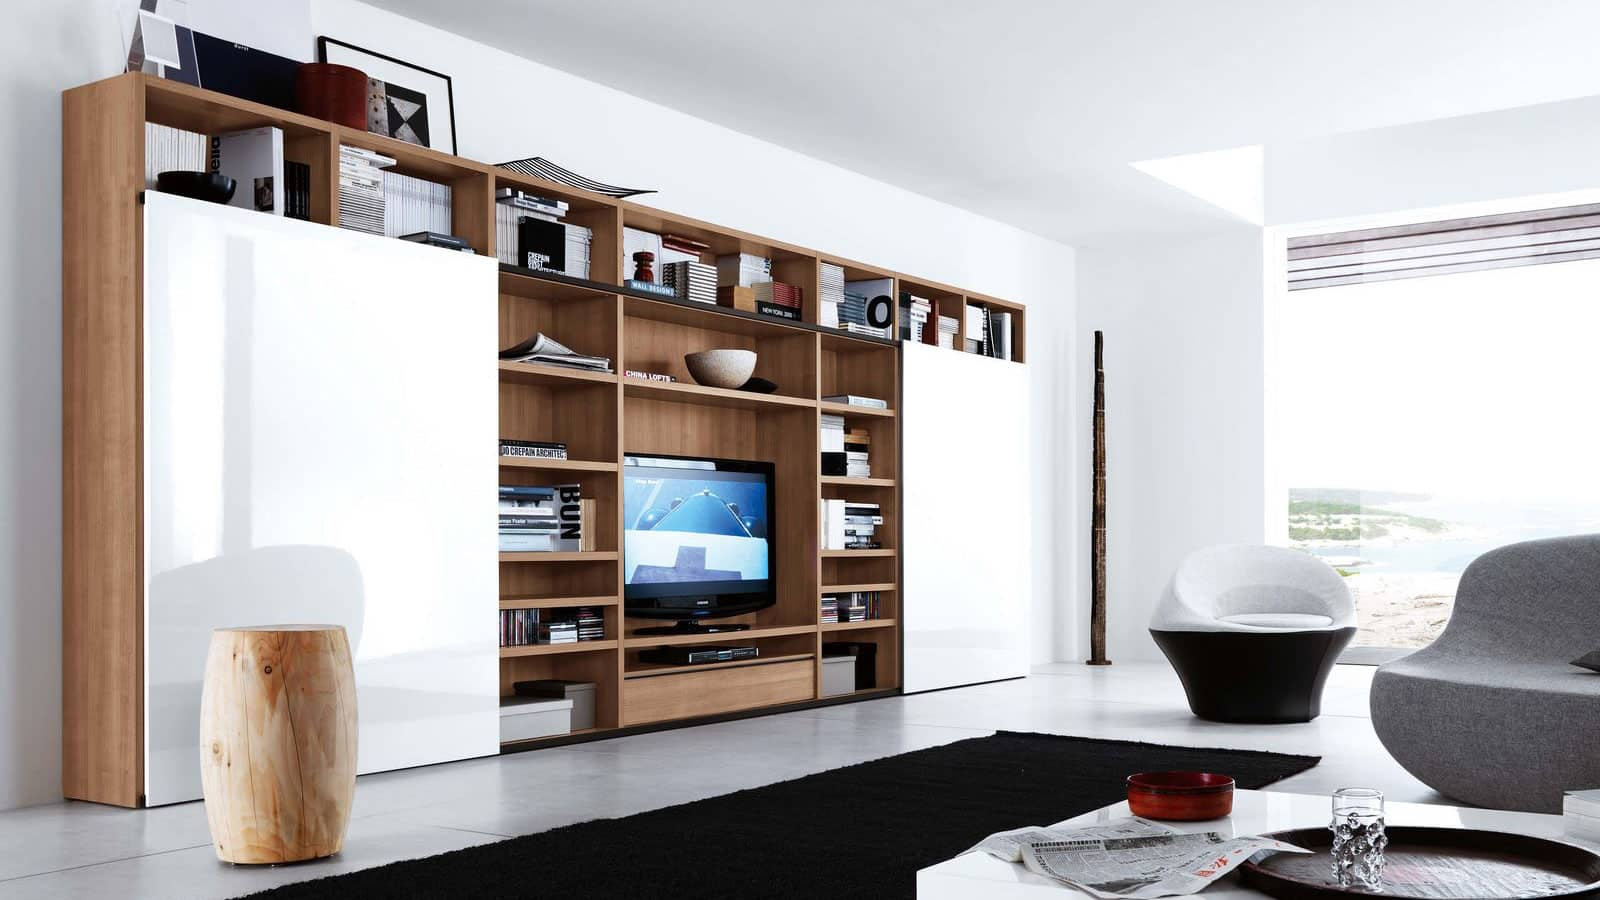 Meuble Tv Bibliothèque Blanc meuble tv bibliothèque | salon | optimal annecy